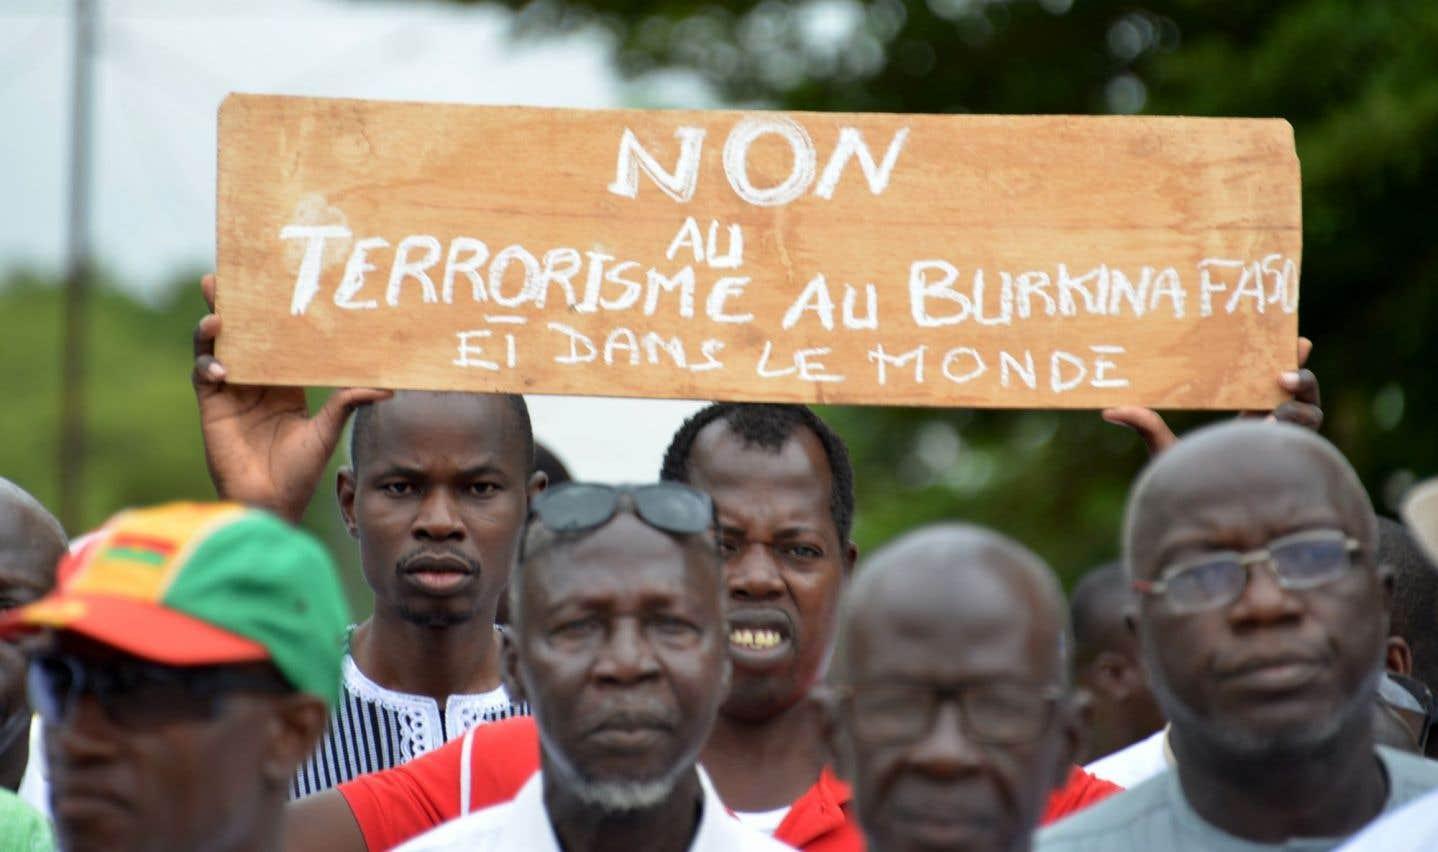 Une marche contre le terrorisme s'est tenue le 17 août dernier à Ouagadougou, peu après l'attaque qui a fait 18 morts dans la capitale burkinabée.